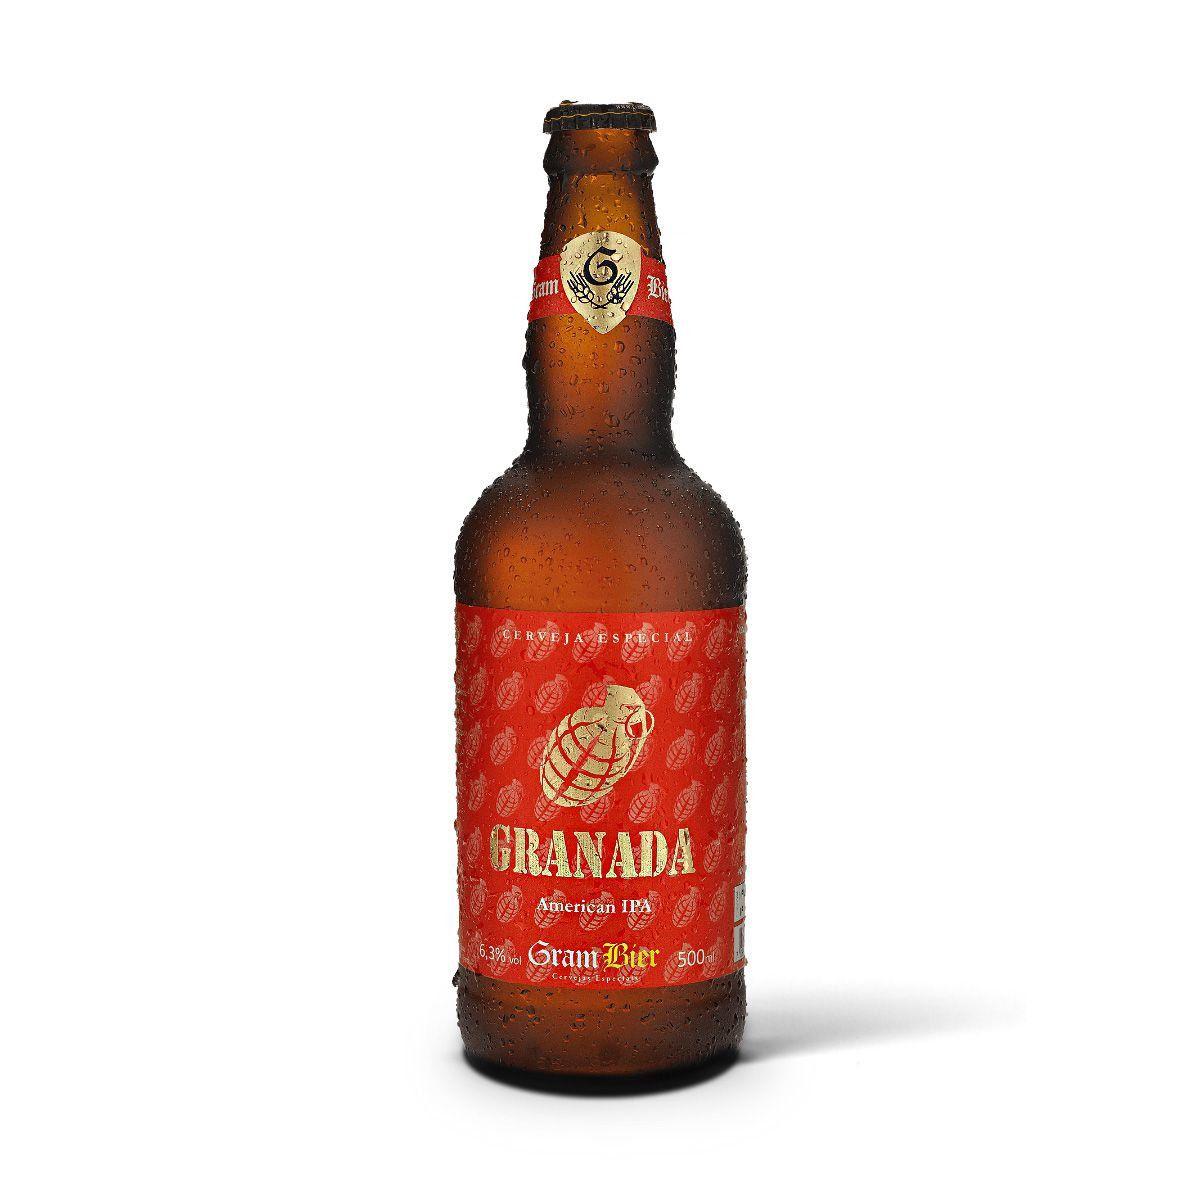 Gram Bier American IPA Granada 500ml